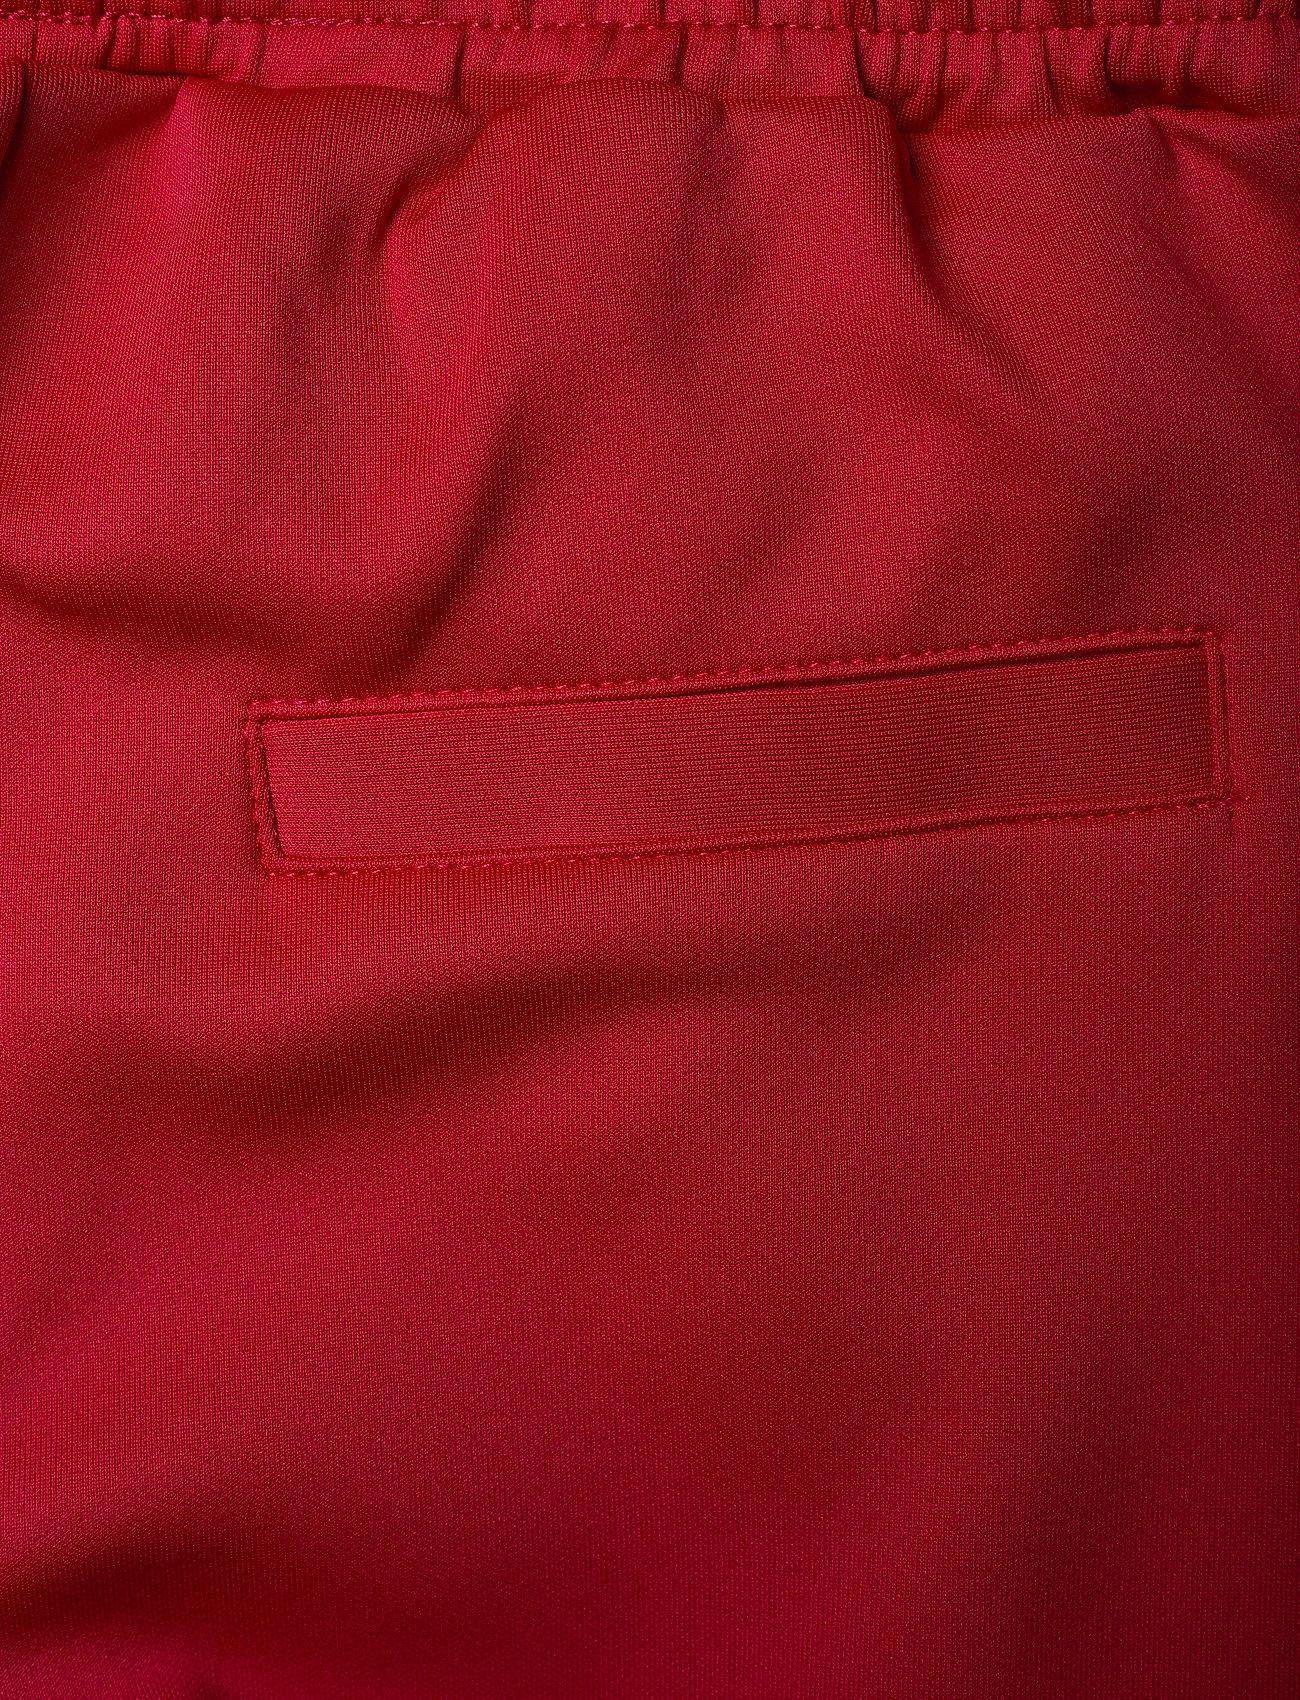 Pants (Red) (27.48 €) - Petit by Sofie Schnoor CdnIY